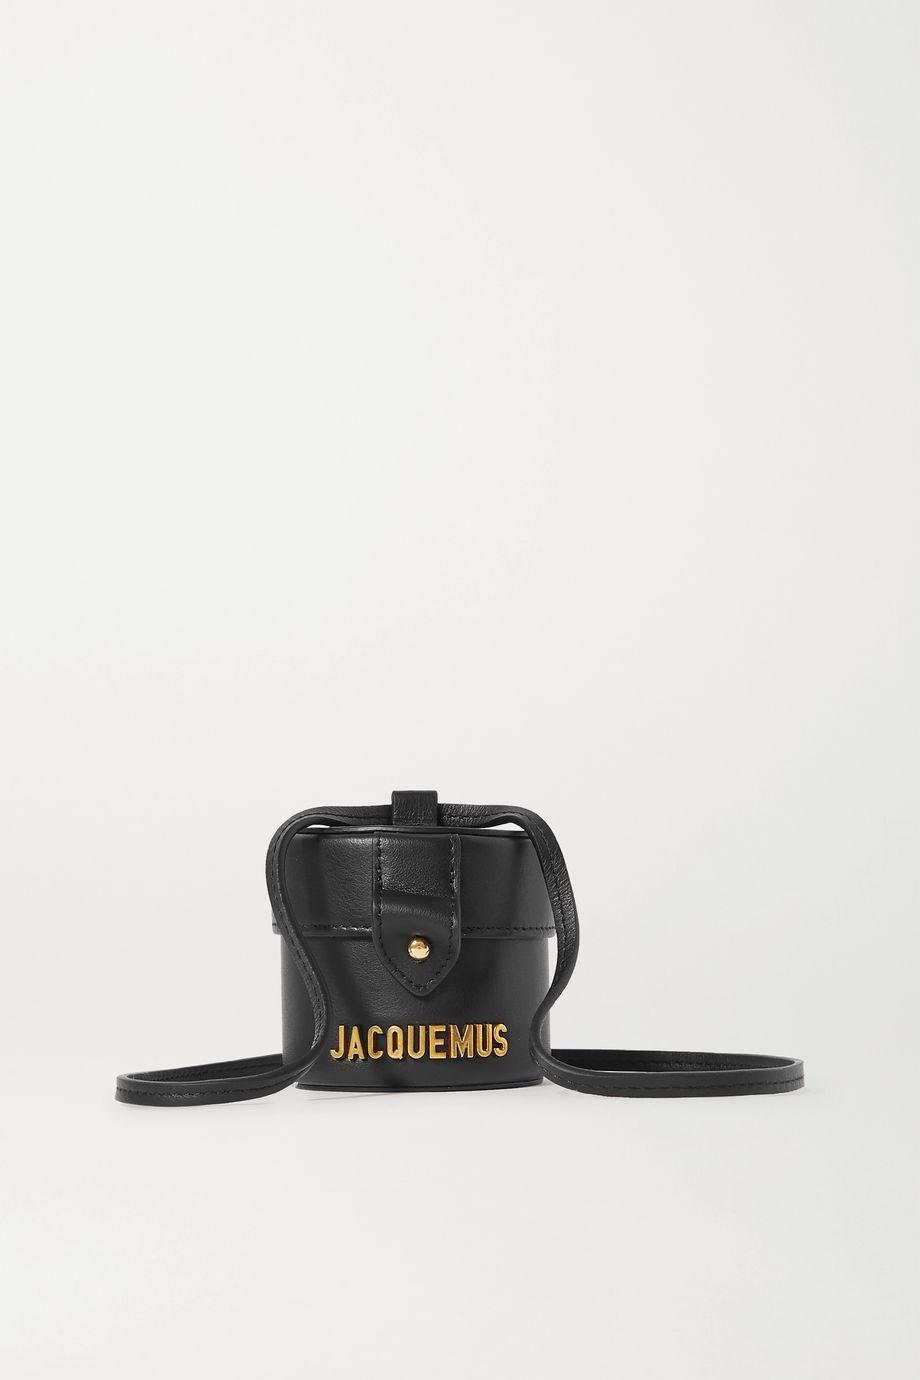 Jacquemus Sac porté épaule en cuir Le Vanity Mini